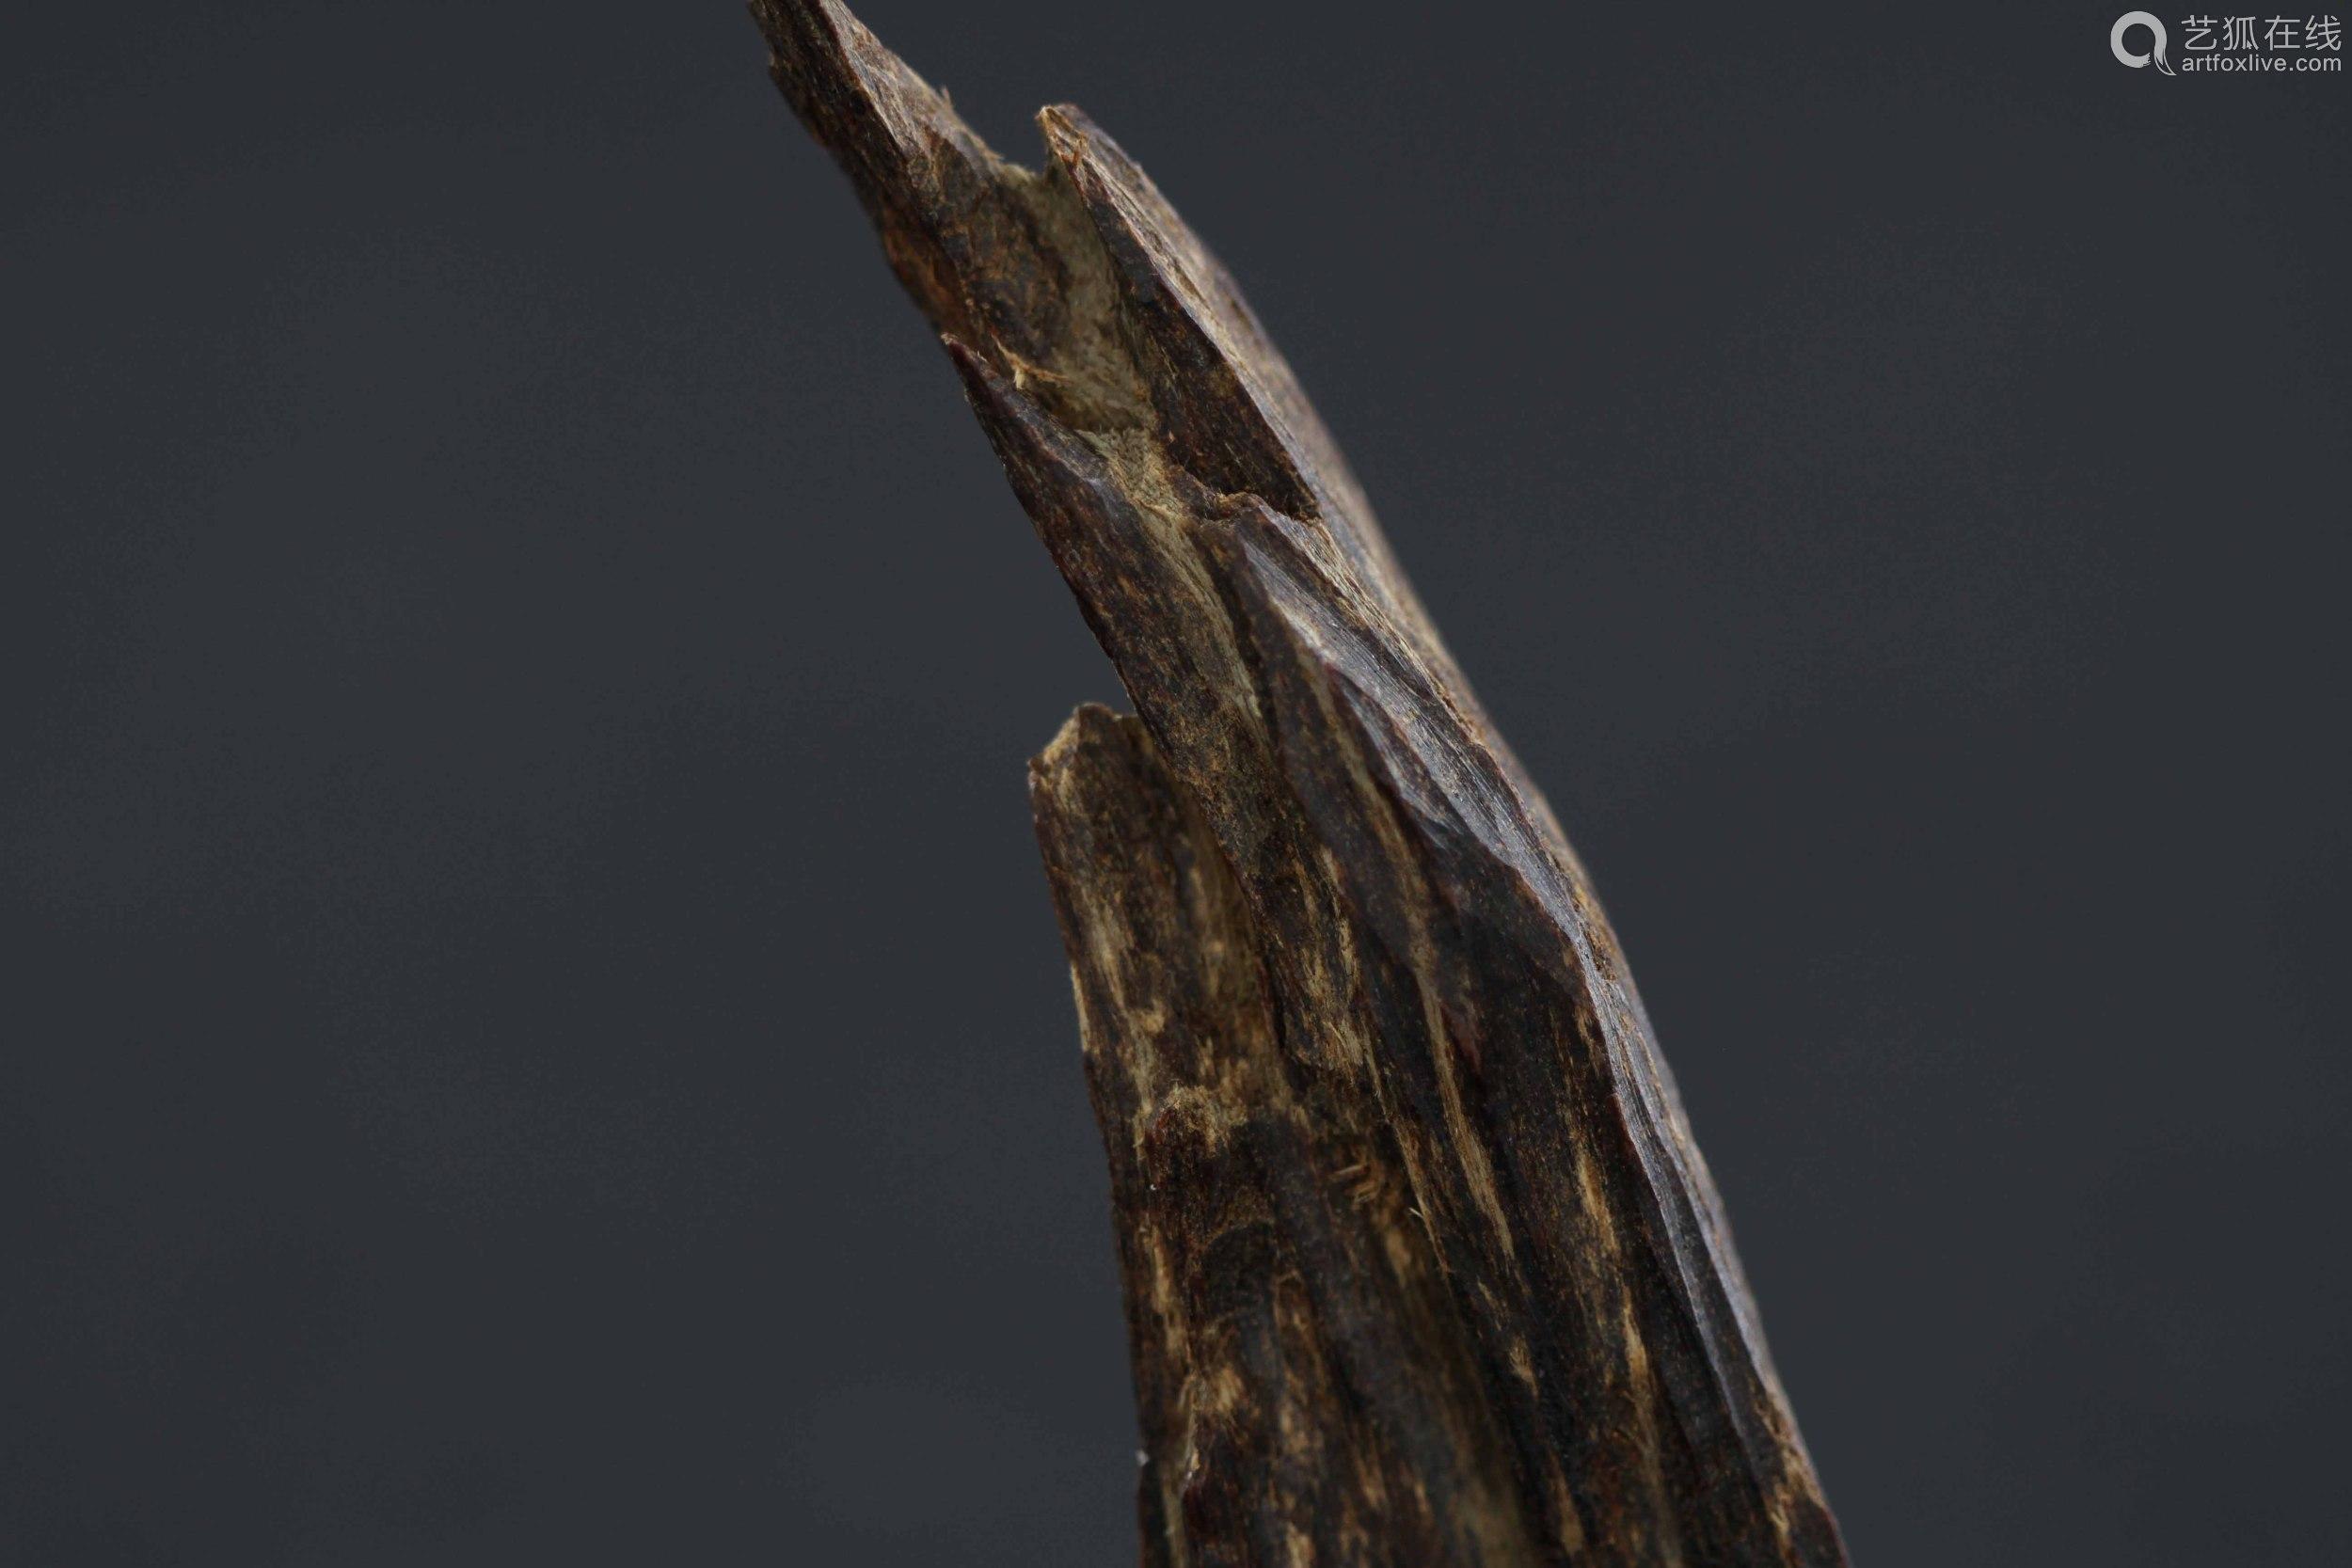 香木 伽羅 伽羅香木